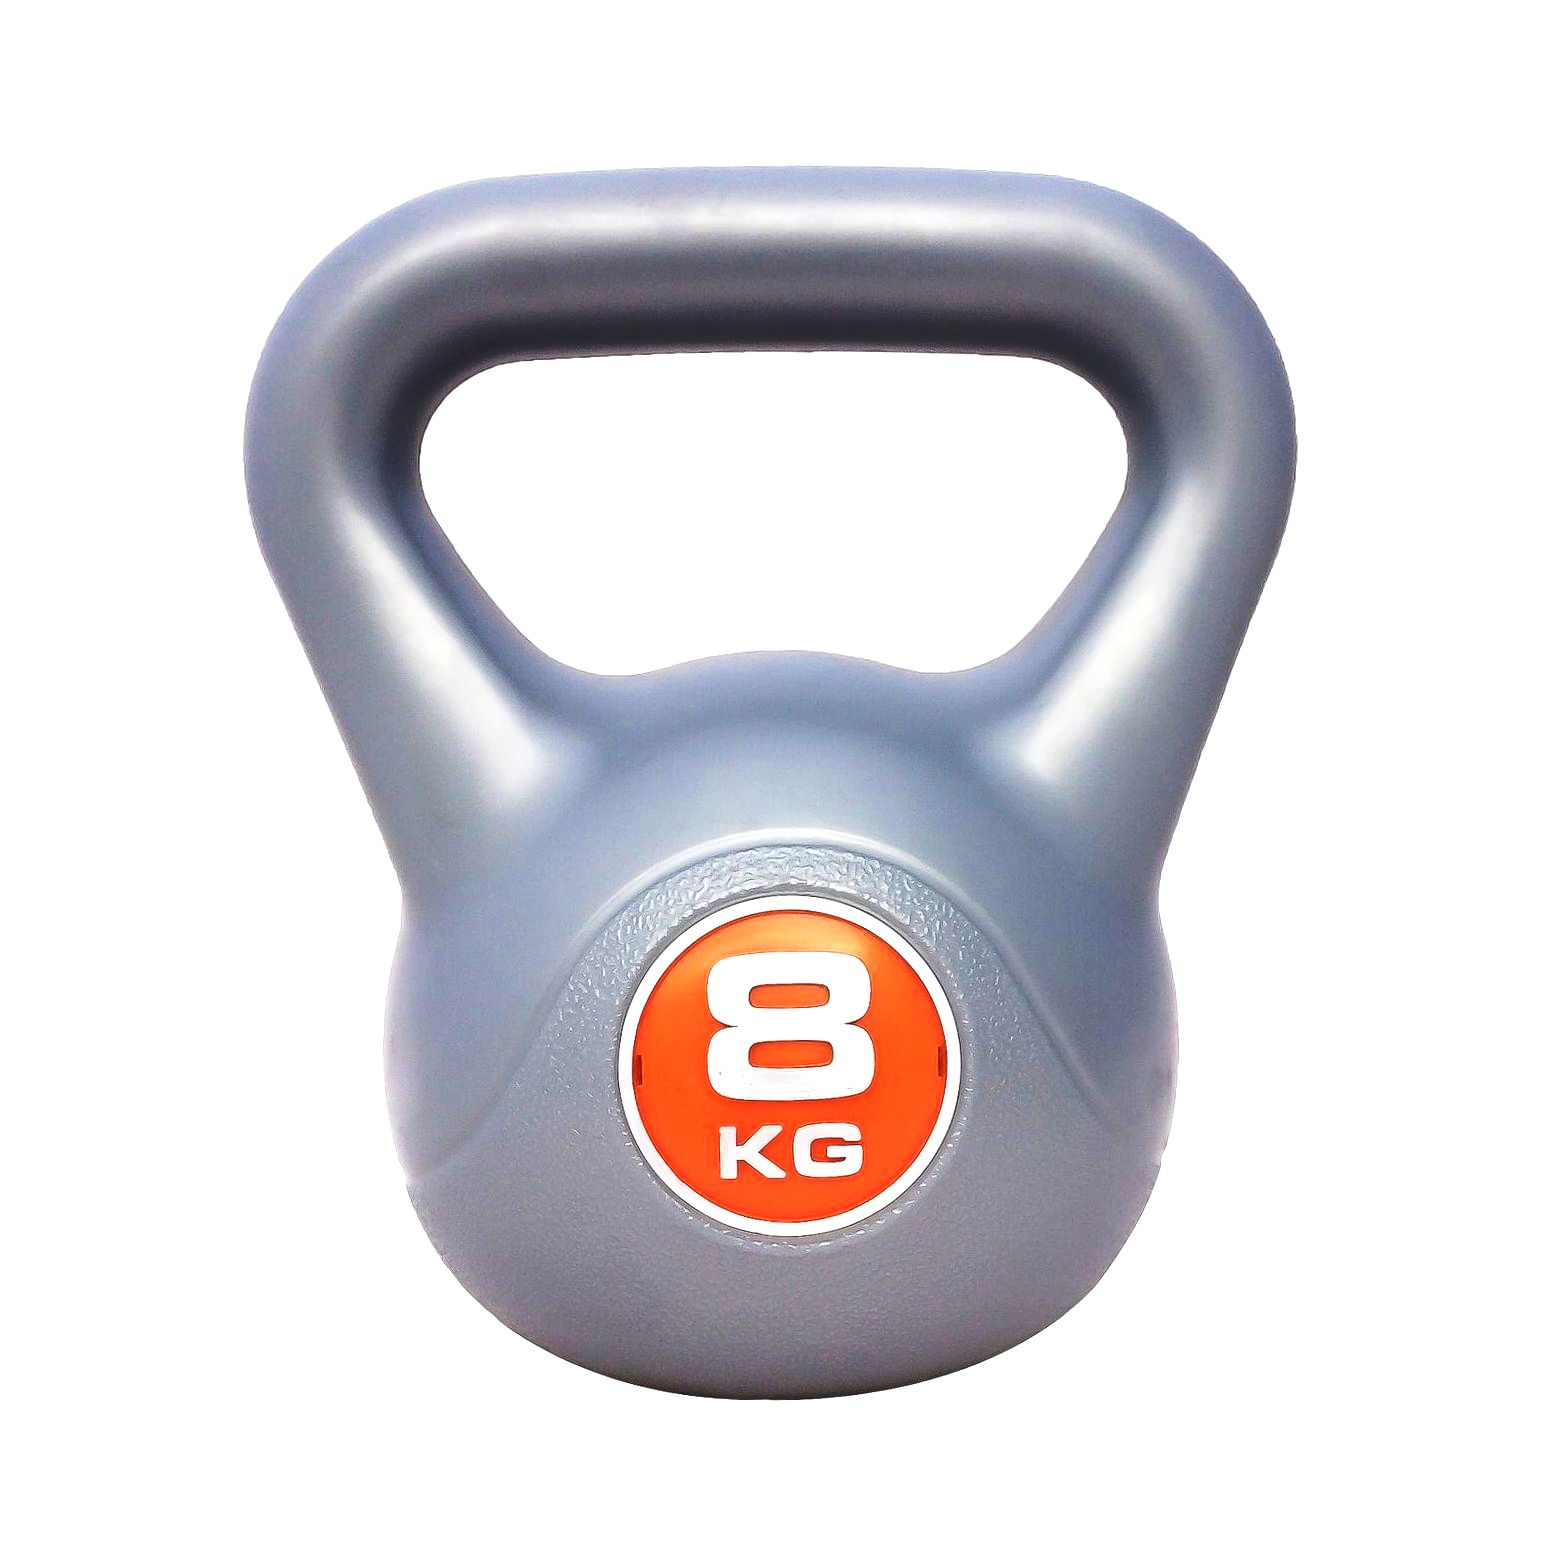 Pair Of 6Kg Black Vinyl Plastic Kettlebells Kettlebell  Home Gym Workout Fitness